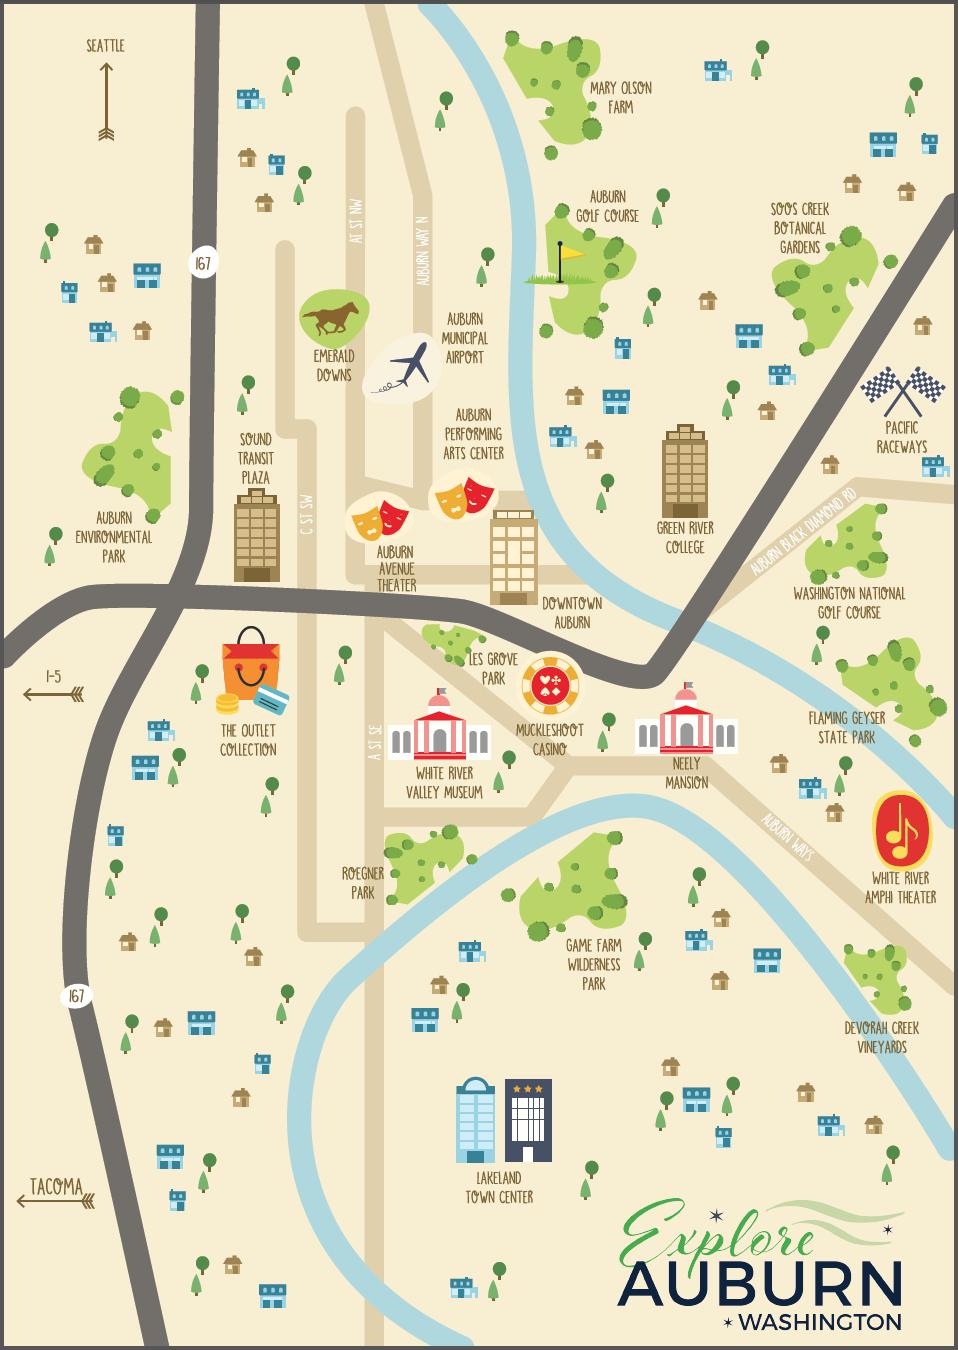 EXPLORE AUBURN  Auburn Tourism map concept